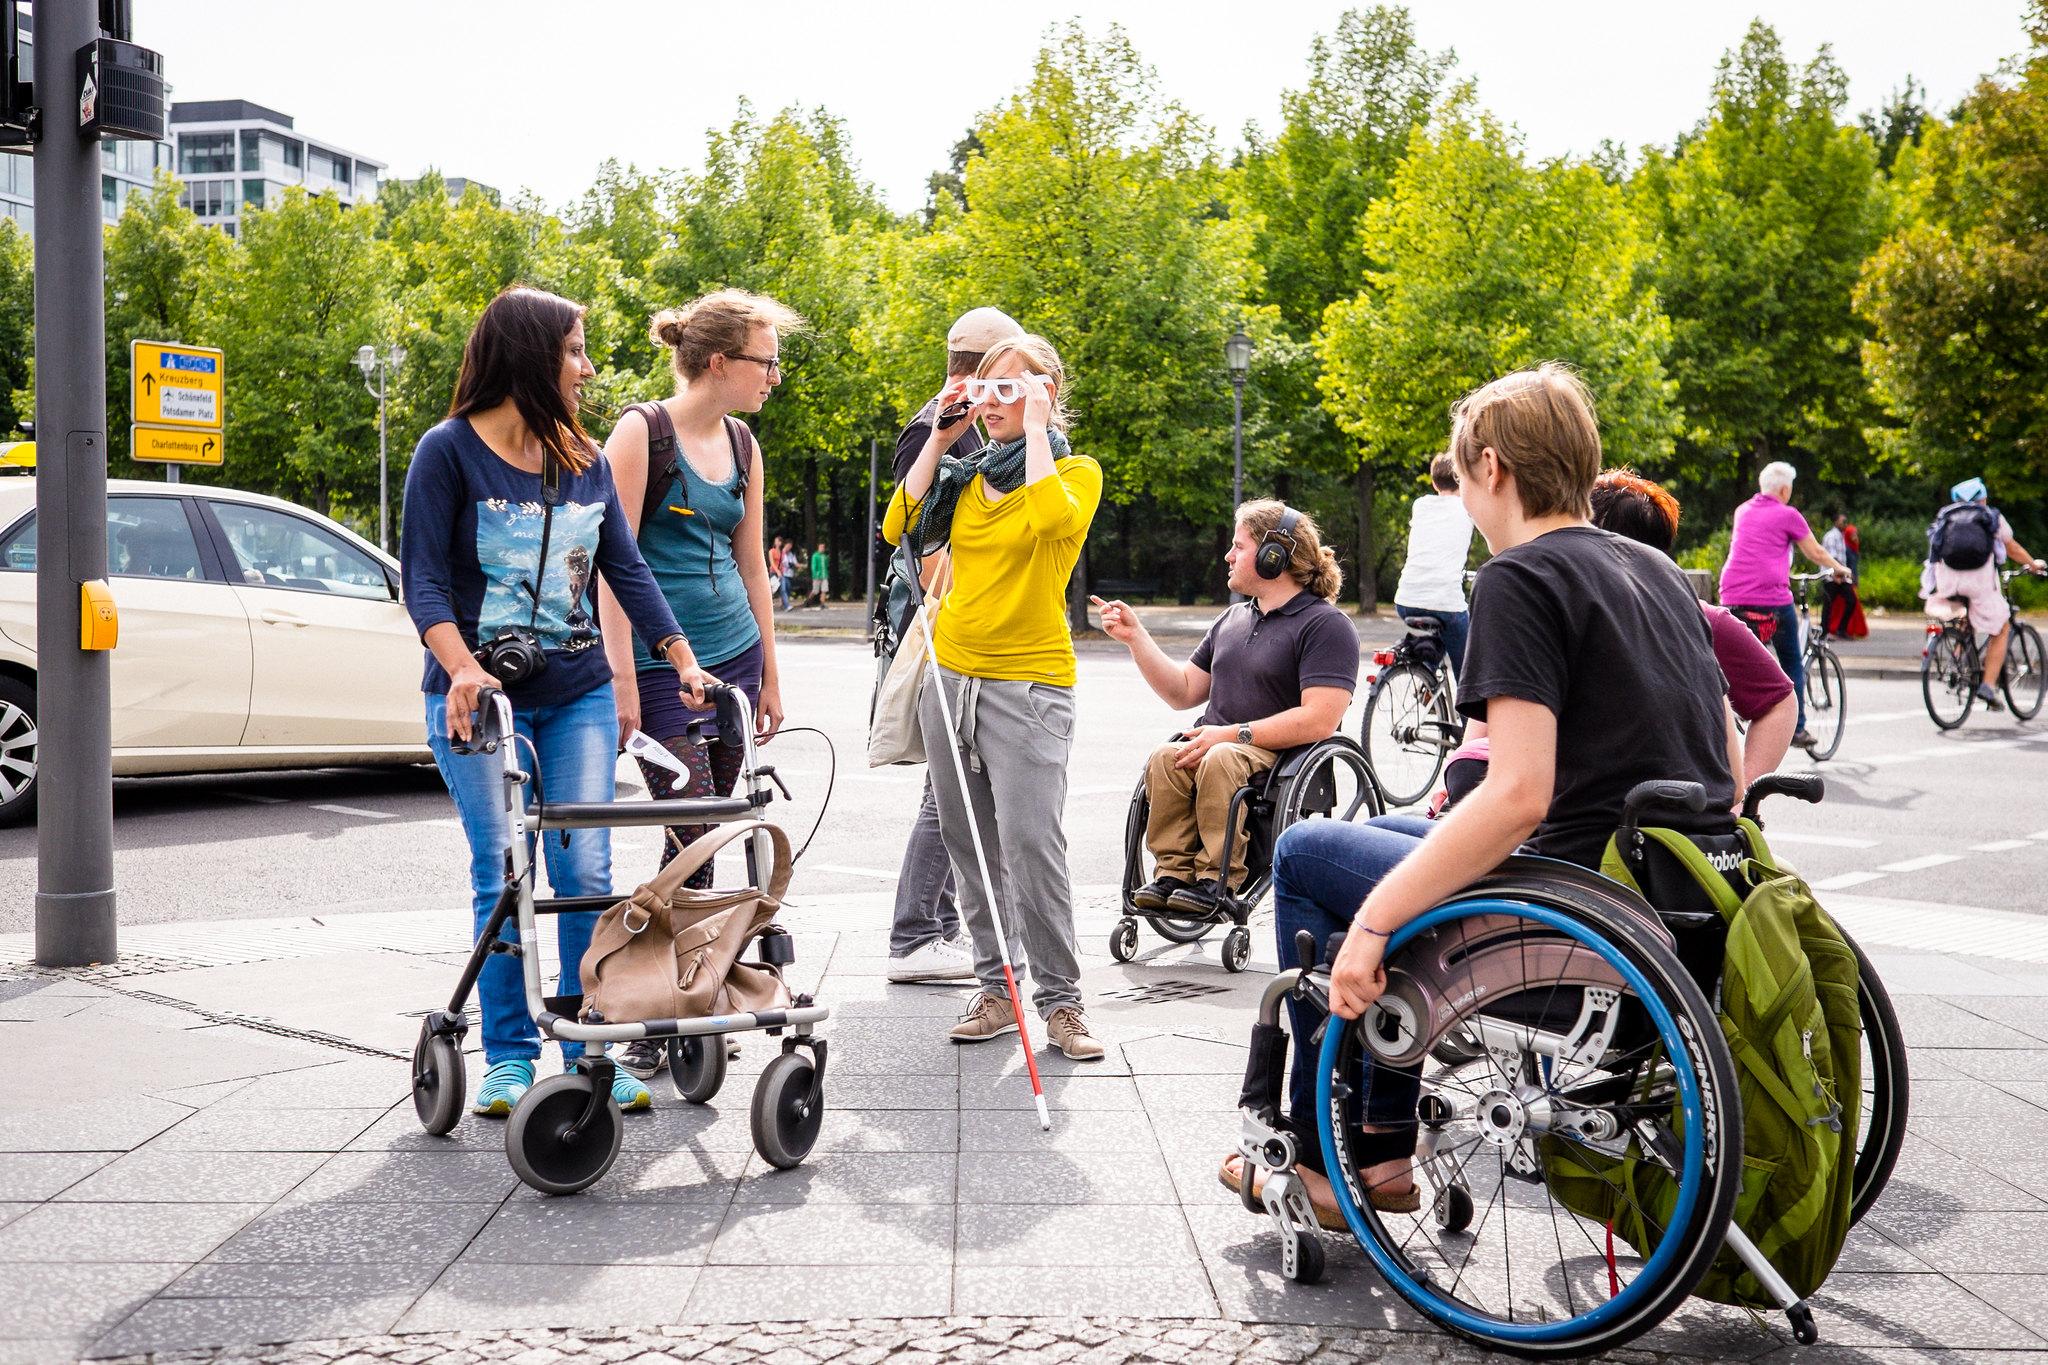 Eine Gruppe von Menschen sitz im Rollstuhl und andere stehen daneben. Sie tragen sommerliche Klamotten und reden miteinander.